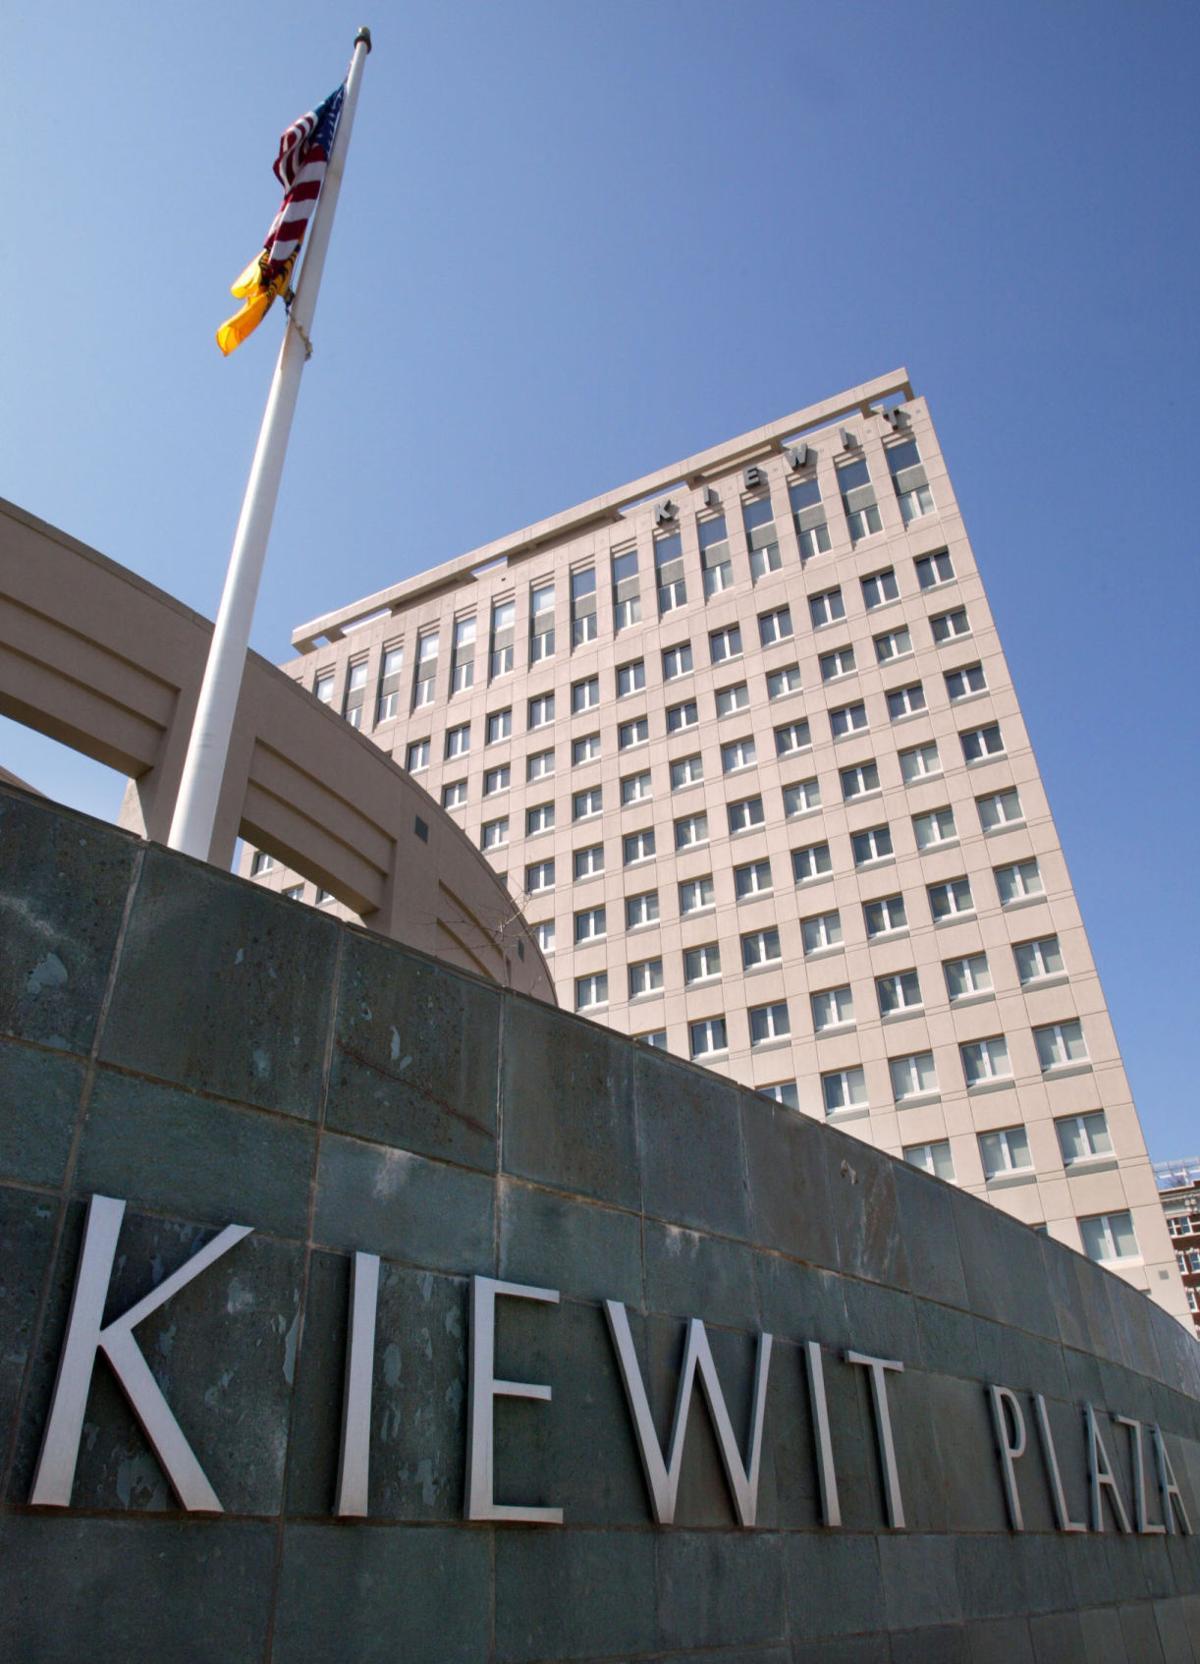 Kiewit Plaza